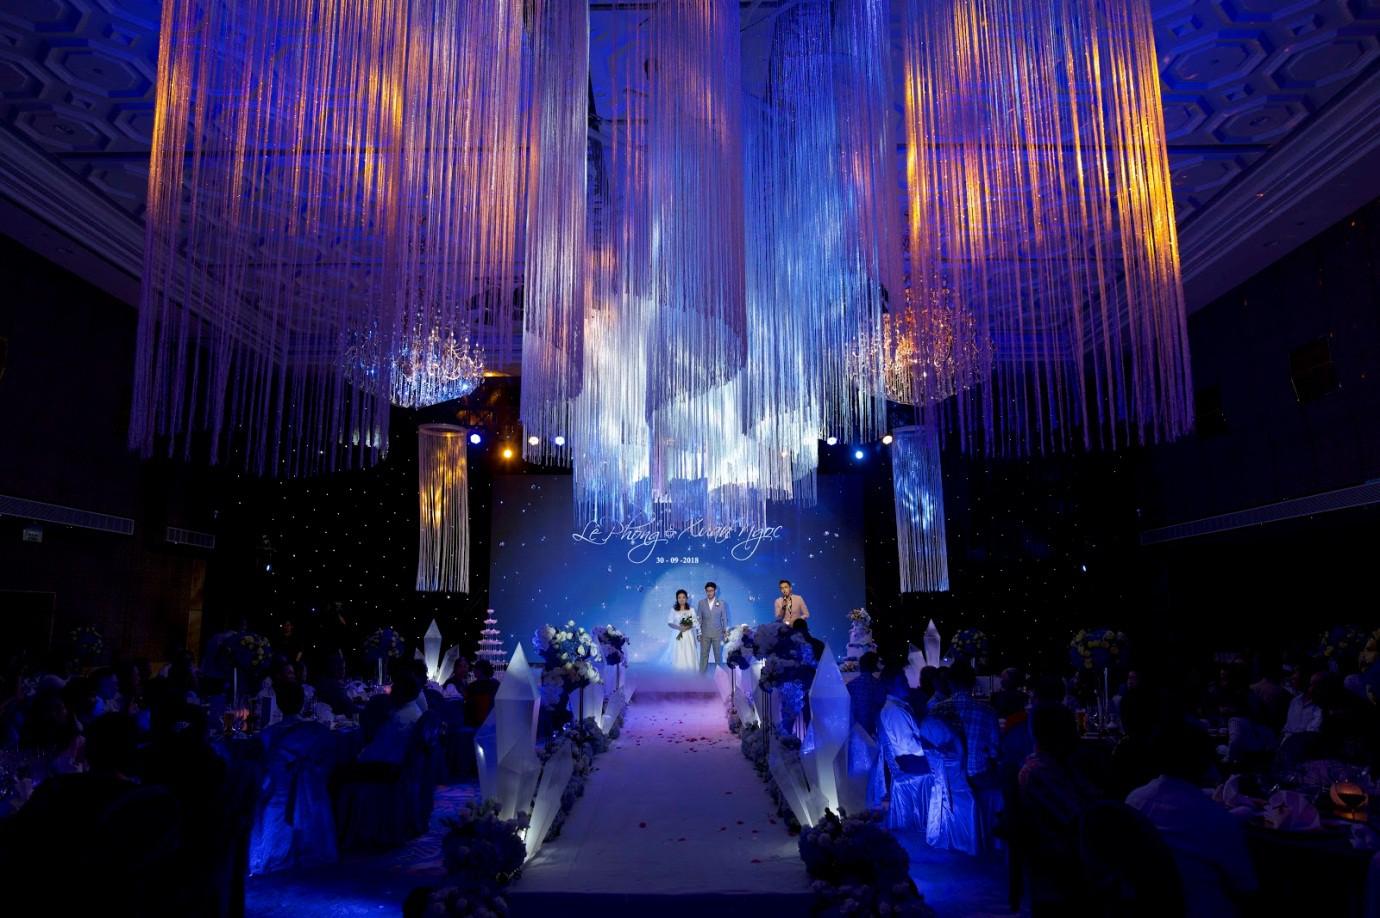 Cập nhật ngay xu hướng tiệc cưới cao cấp chuẩn 5 sao - Ảnh 2.